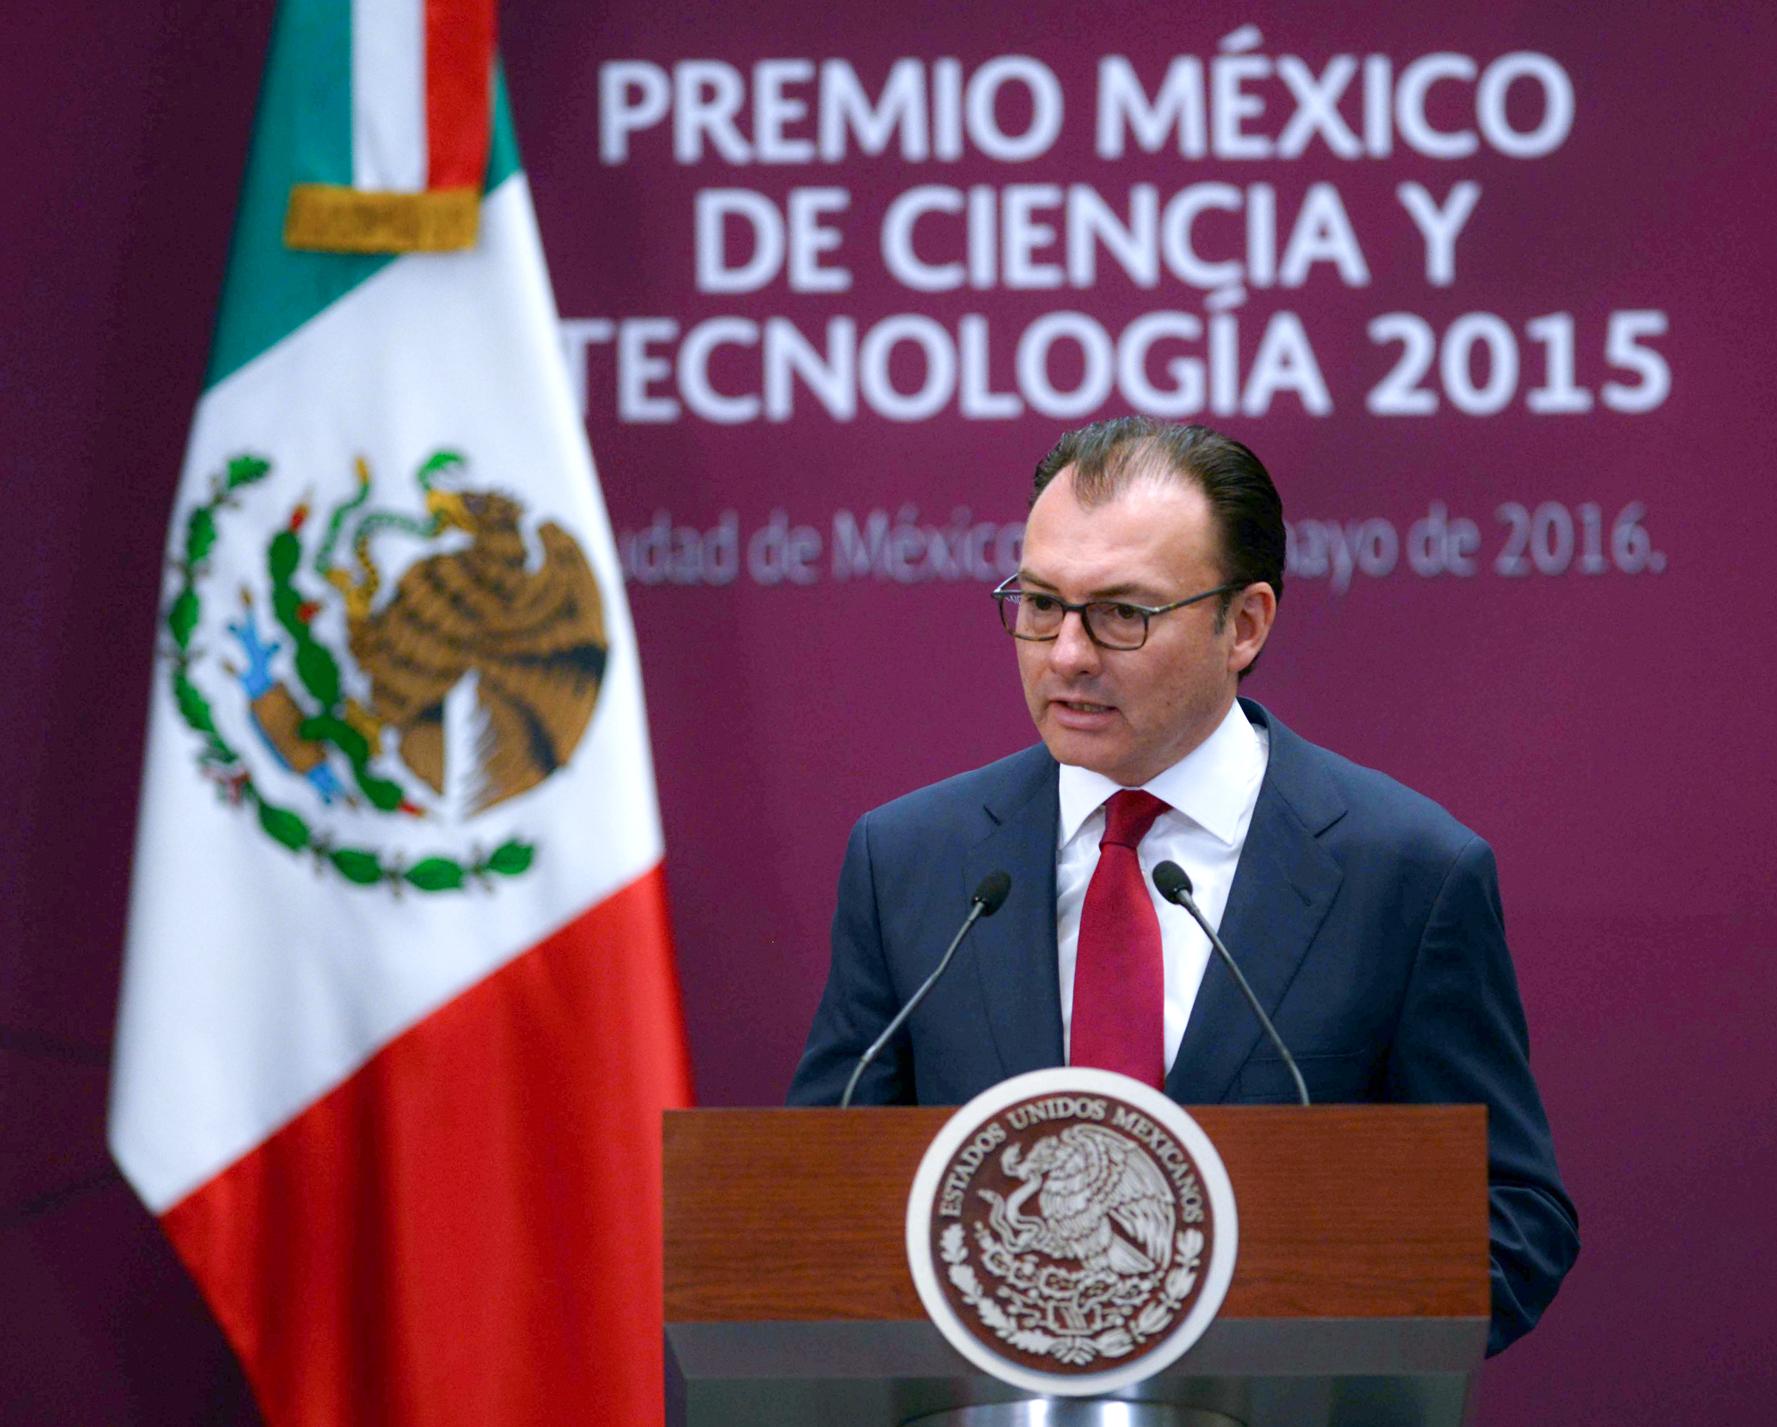 """El día de hoy el Fondo Monetario Internacional acaba de anunciar que ha tomado la decisión de extender por dos años más y ampliar en su monto la línea de crédito flexible con México"""", Luis Videgaray Caso, Secretario de Hacienda y Crédito Público."""